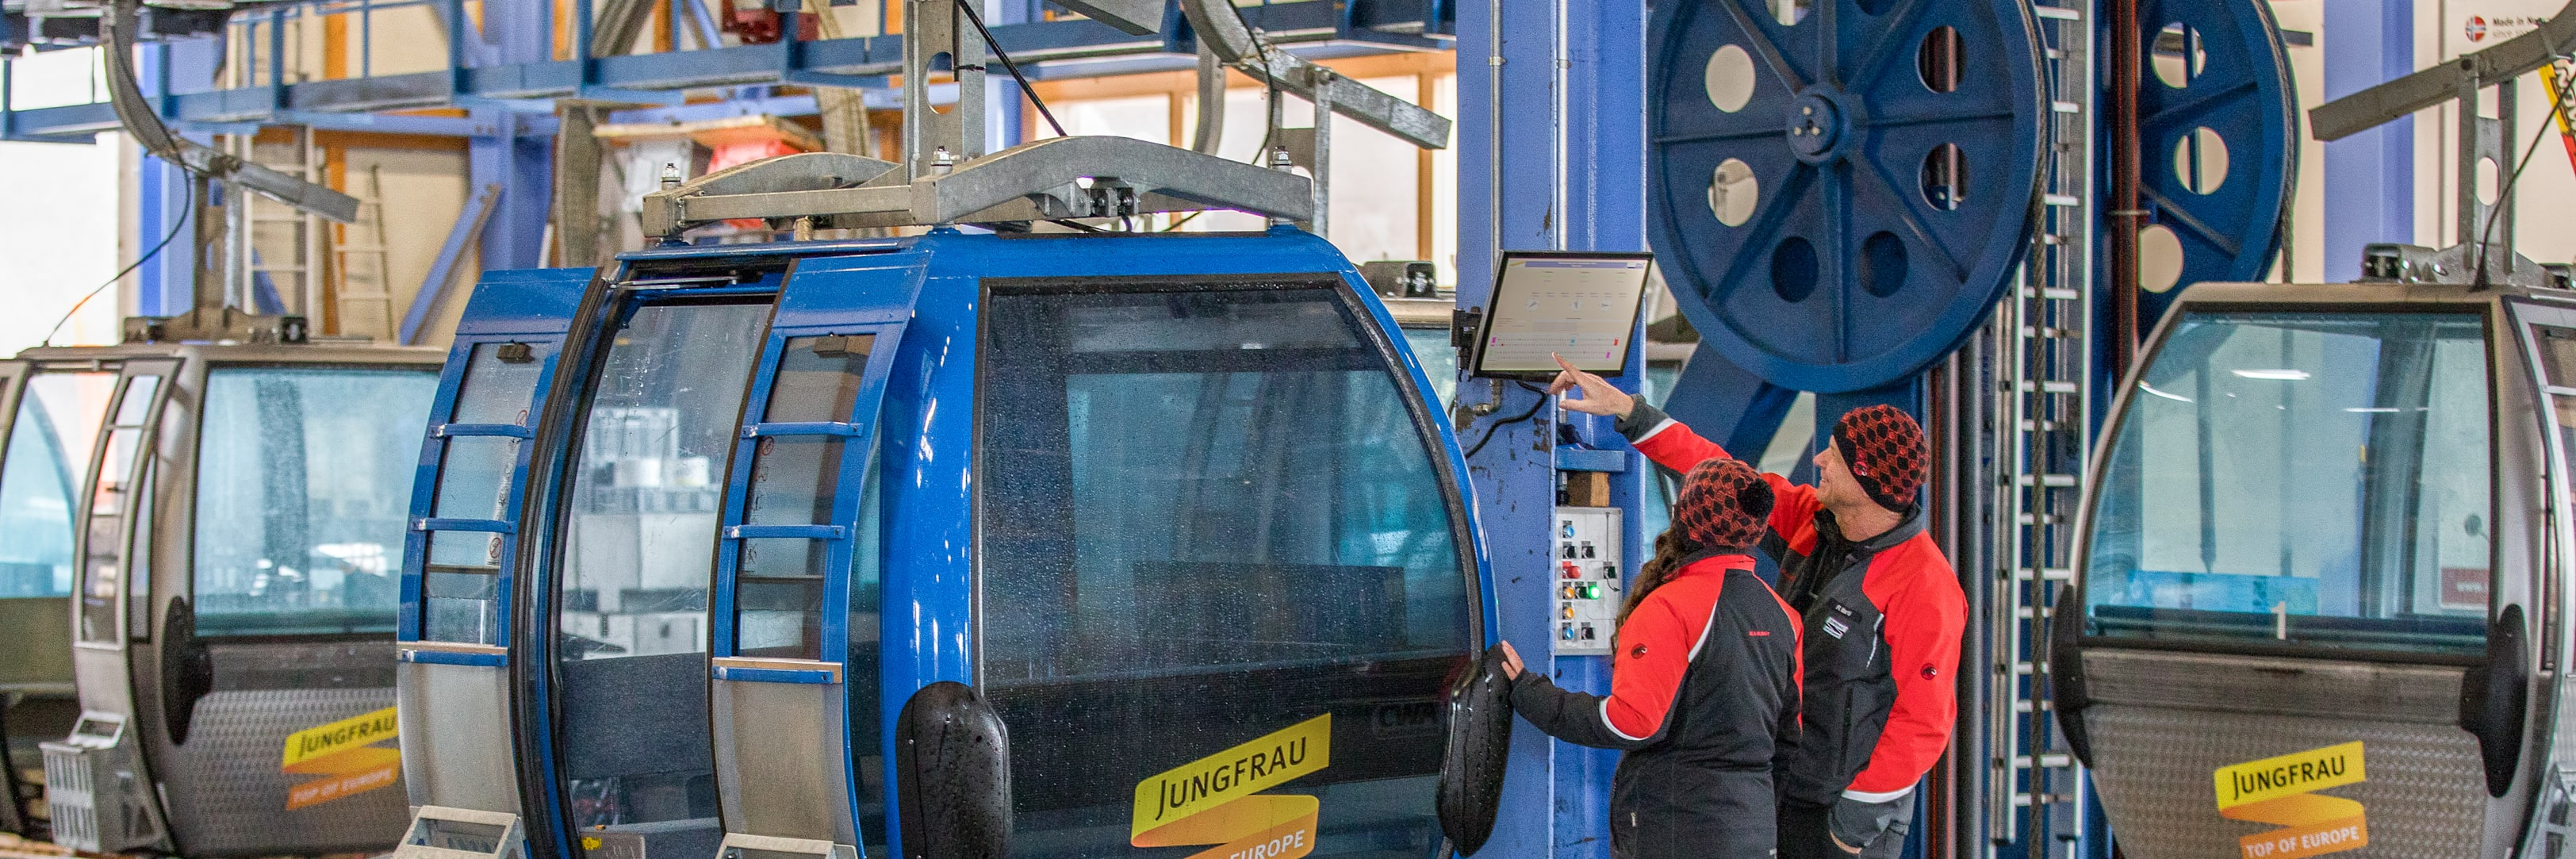 Mitarbeiter Jungfraubahnen, Mitarbeiter am Arbeitsplatz, Natascha-Amacher